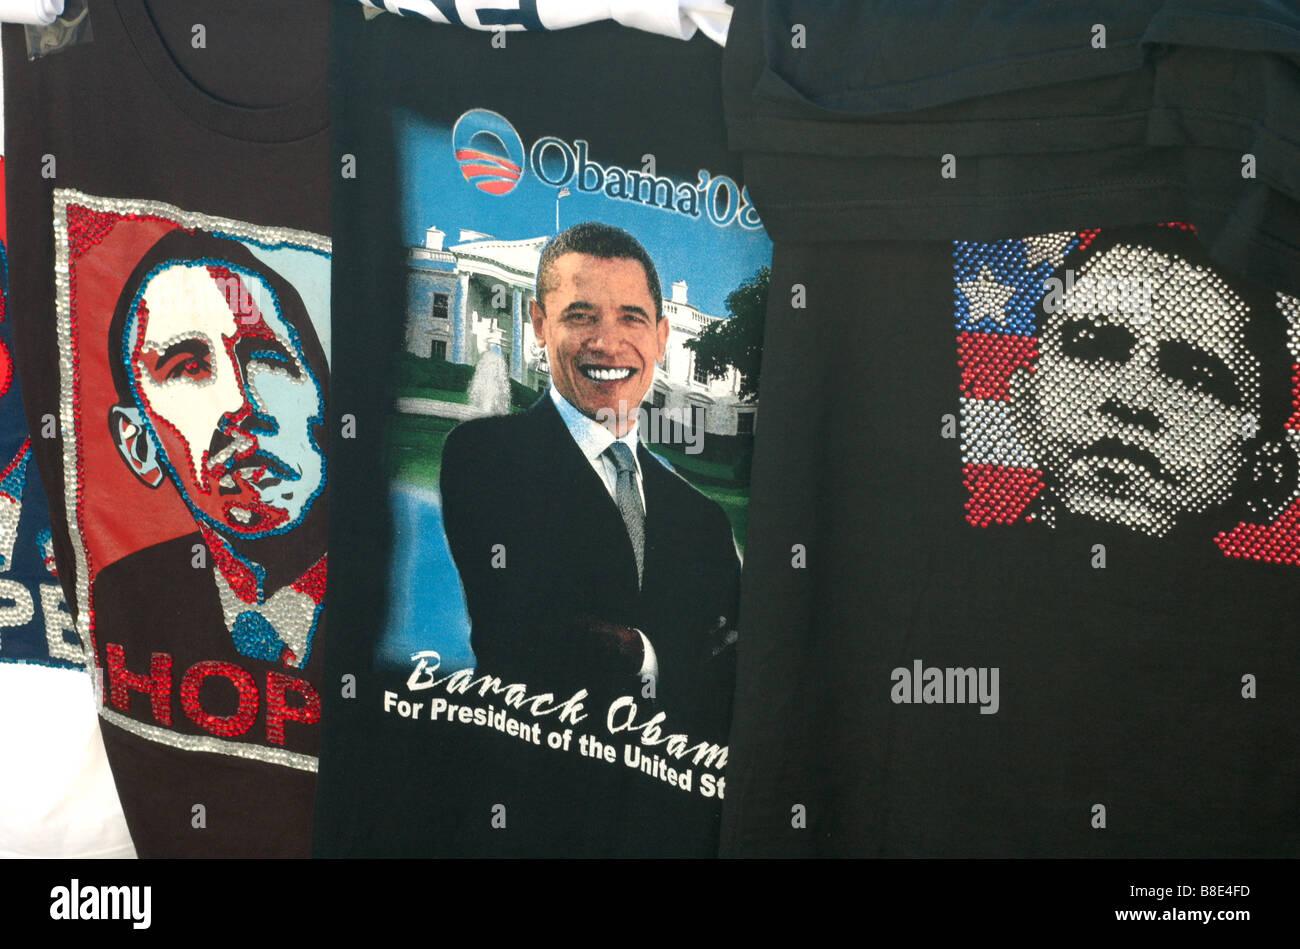 Barack Obama tee-shirts - Stock Image